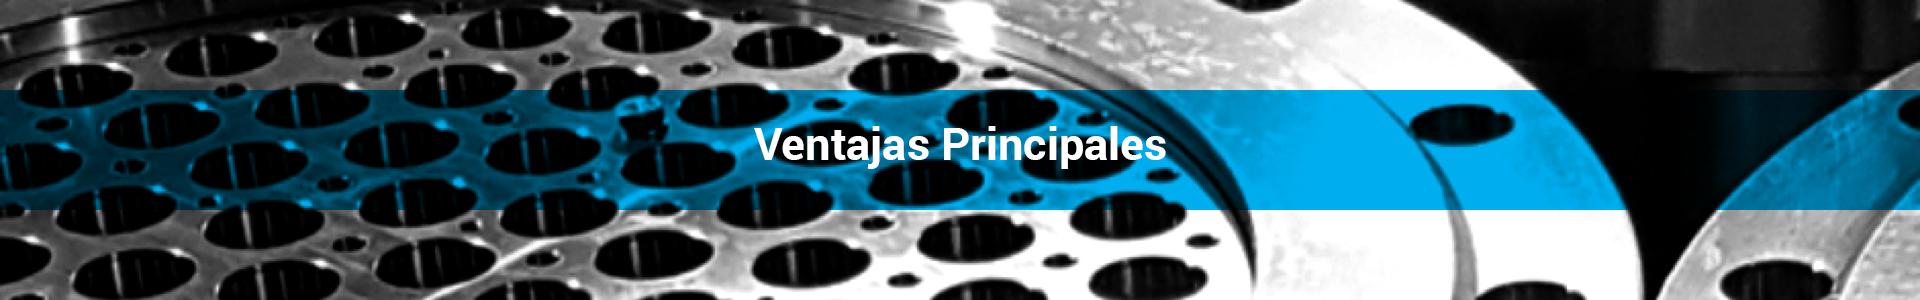 rema water ventajas principales de planta cmbr